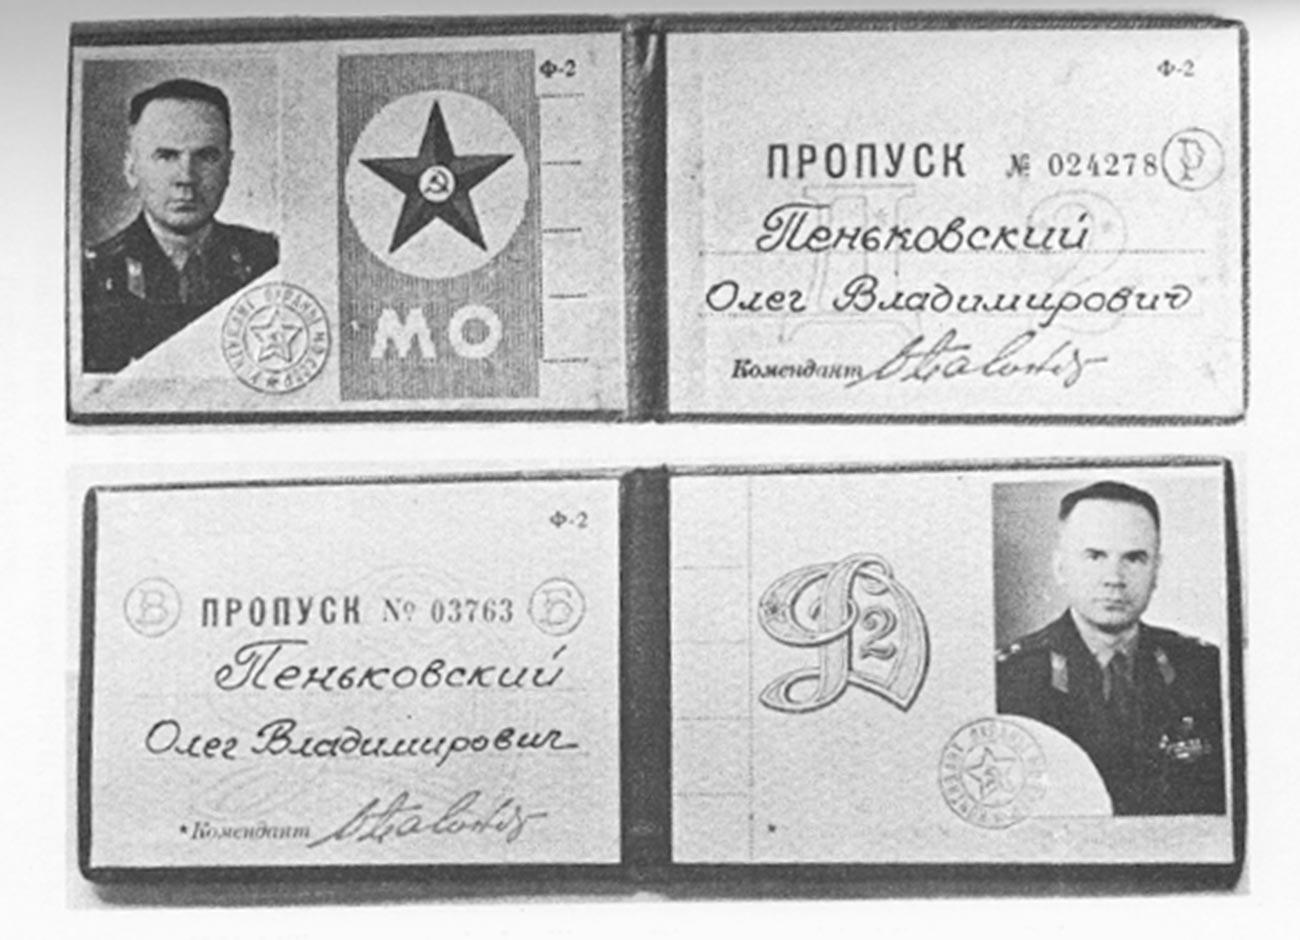 Kartu akses militer Kolonel Oleg Penkovskiy untuk masuk ke gedung Staf Umum dan Kementerian Pertahanan di Moskow.